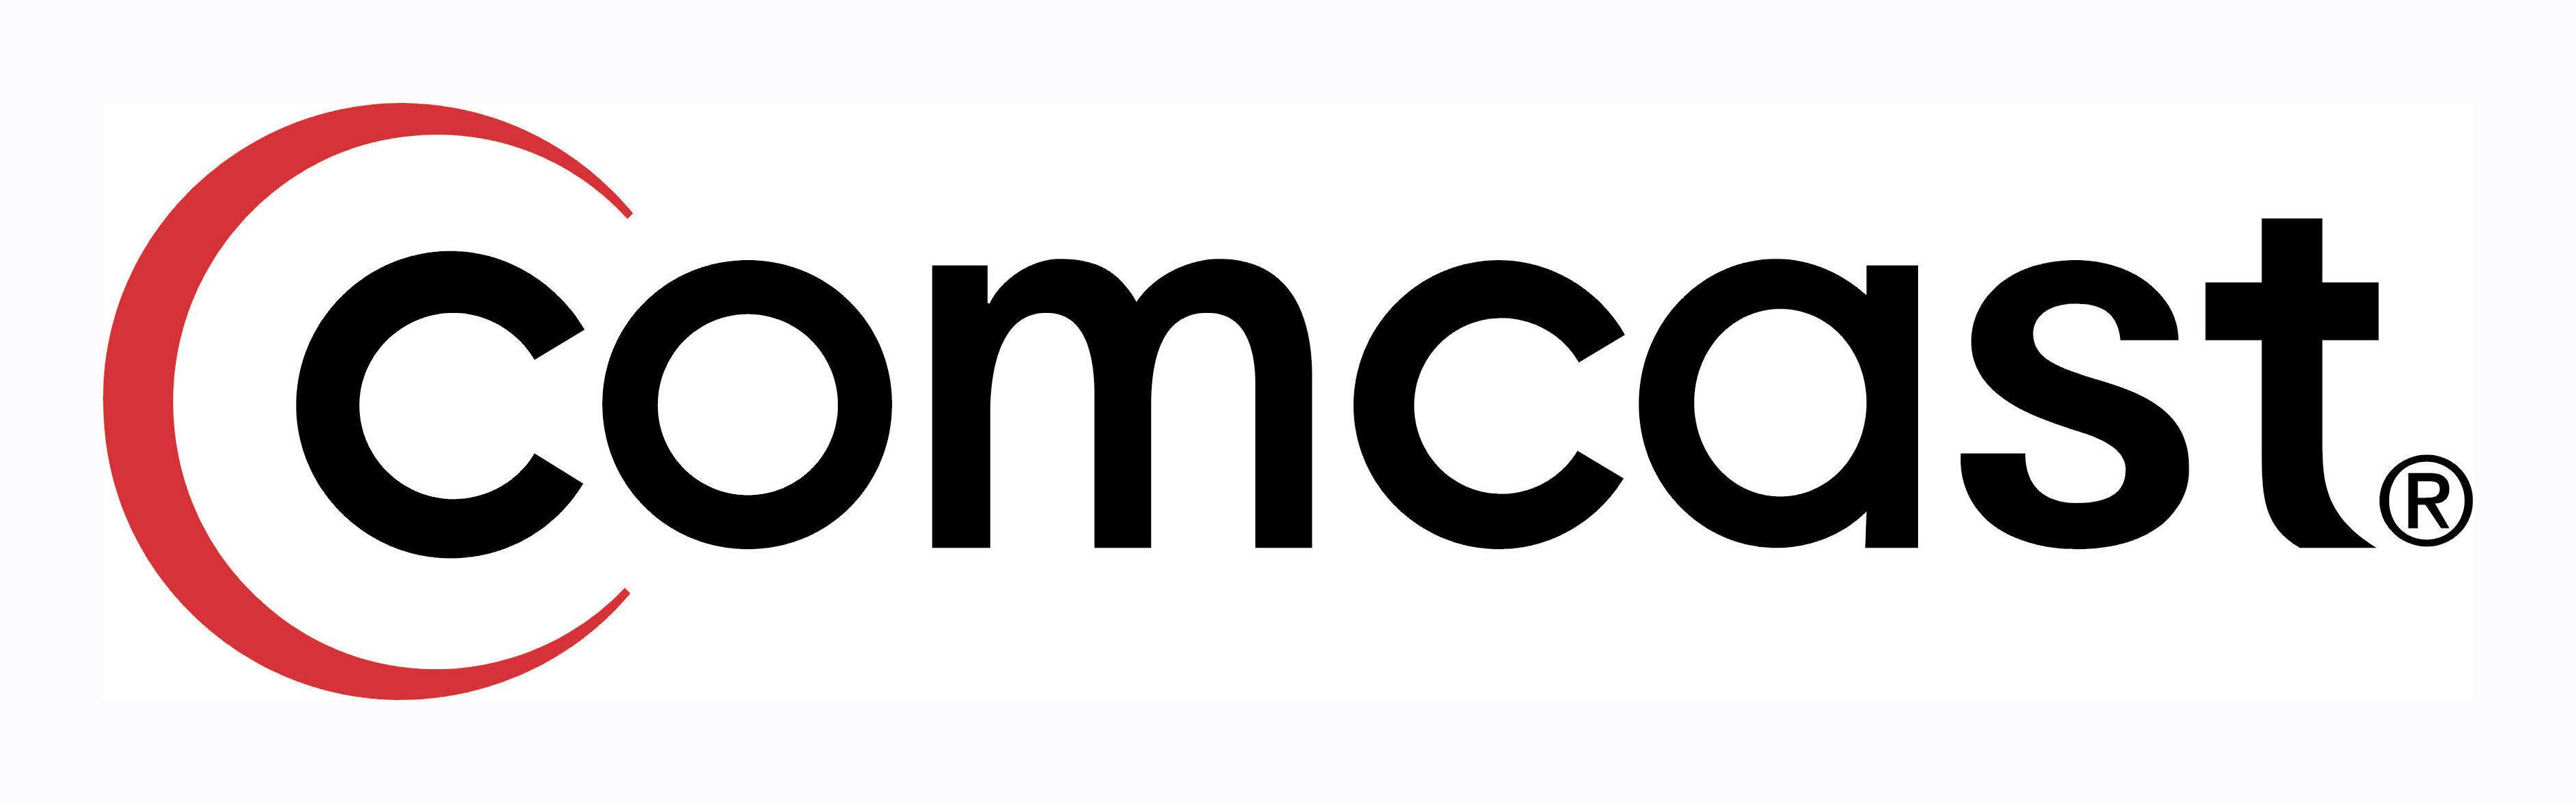 Comcast (Xfinity)